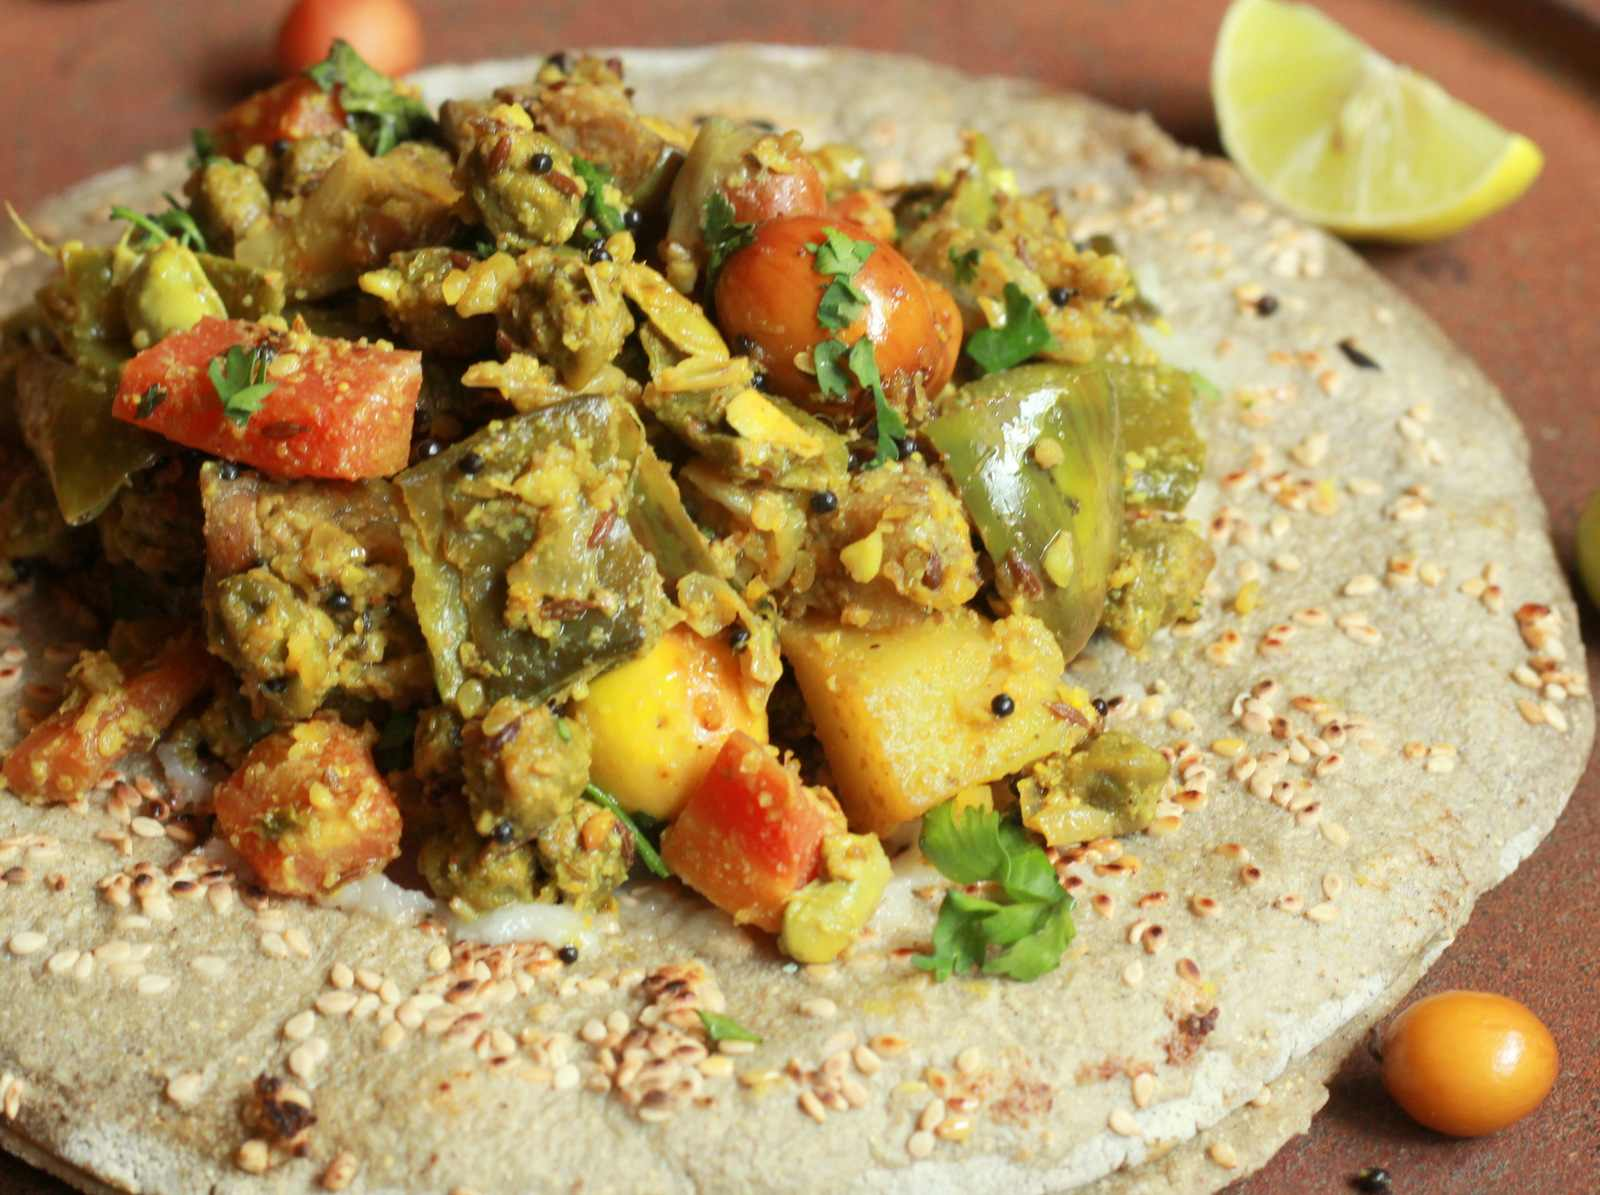 Bhogichi bhaji recipe maharashtrian mixed vegetable stir fry by bhogichi bhaji recipe maharashtrian mixed vegetable stir fry forumfinder Images